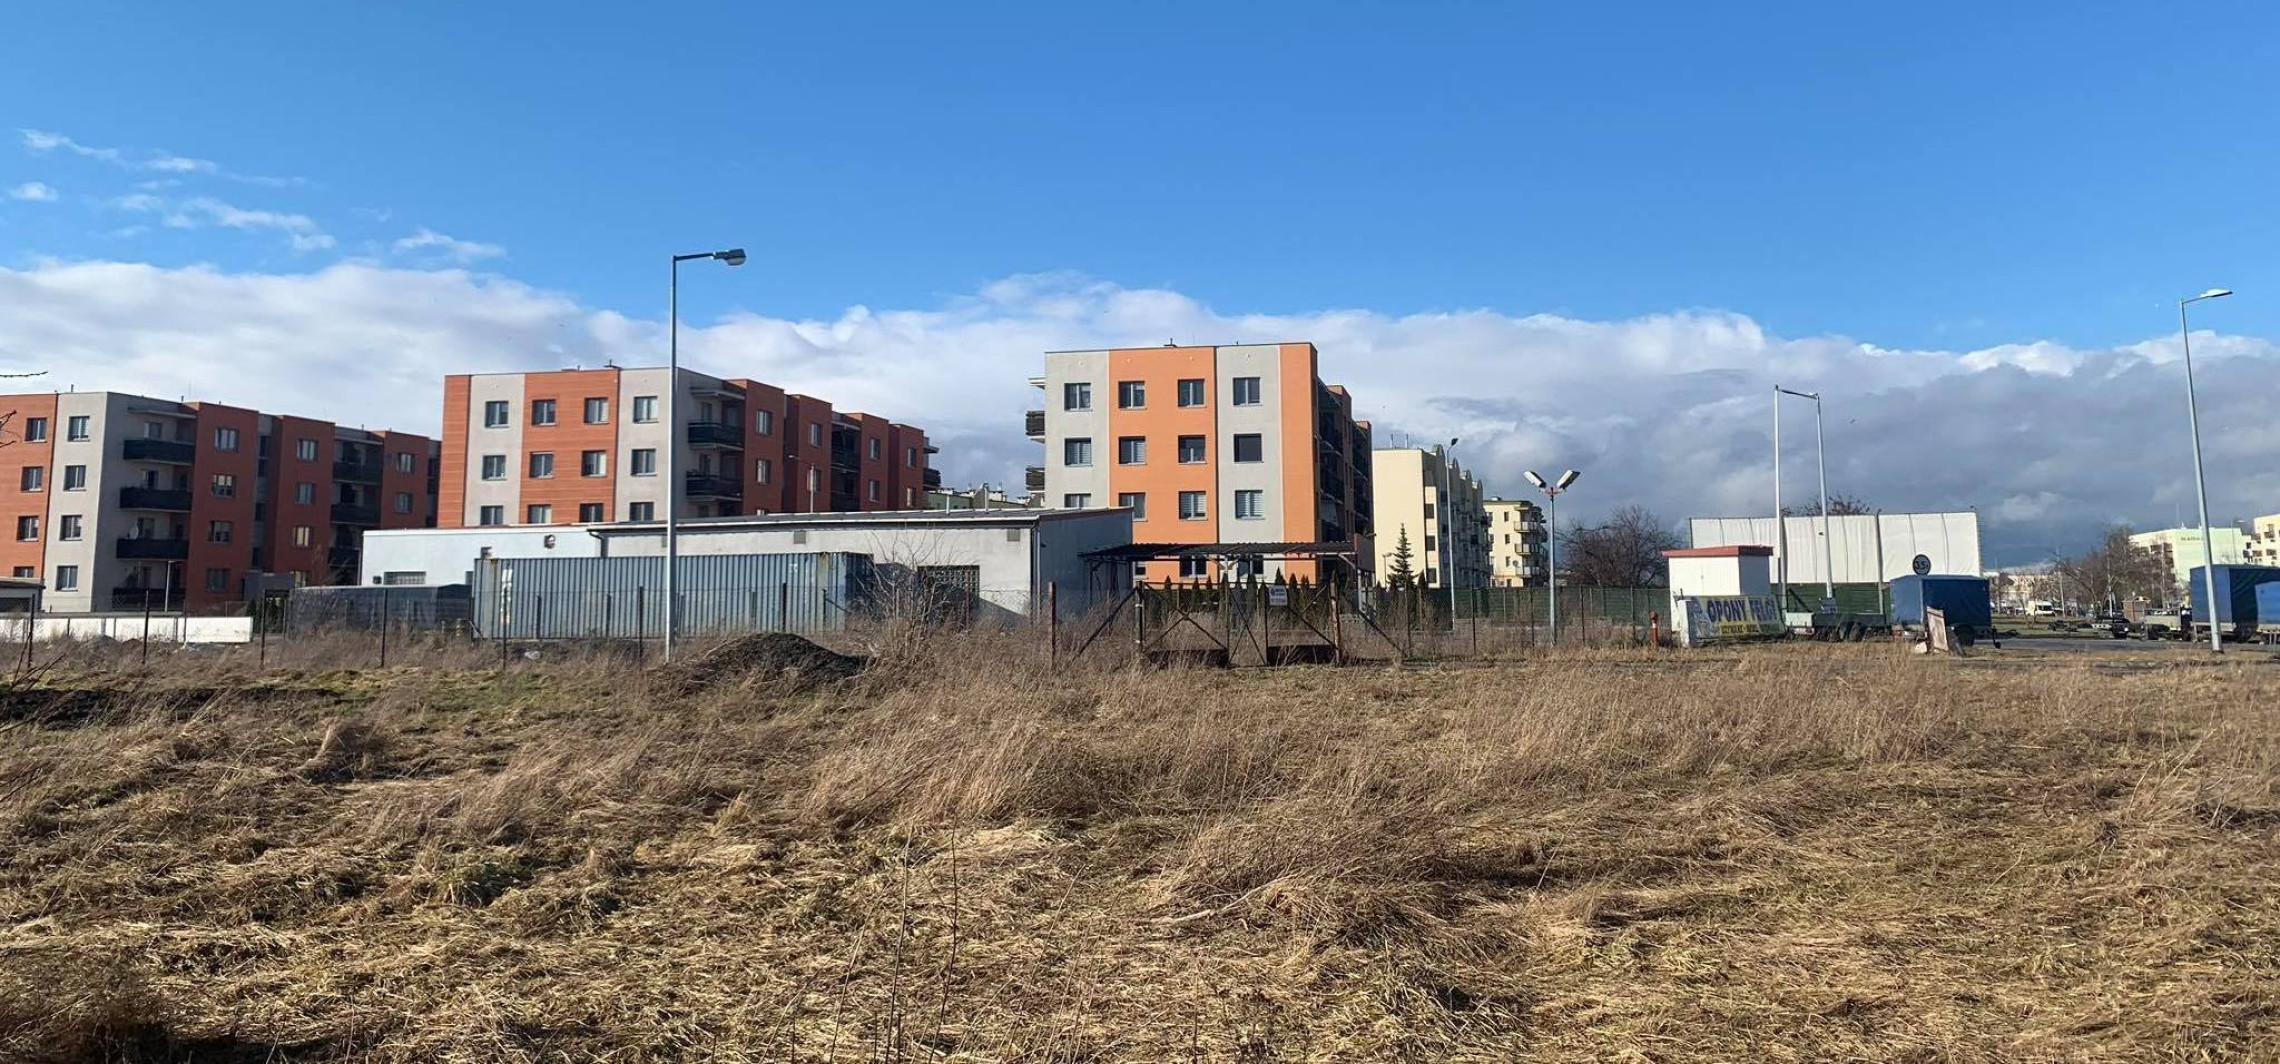 Inowrocław - Jest stanowisko sieci Play w sprawie masztu